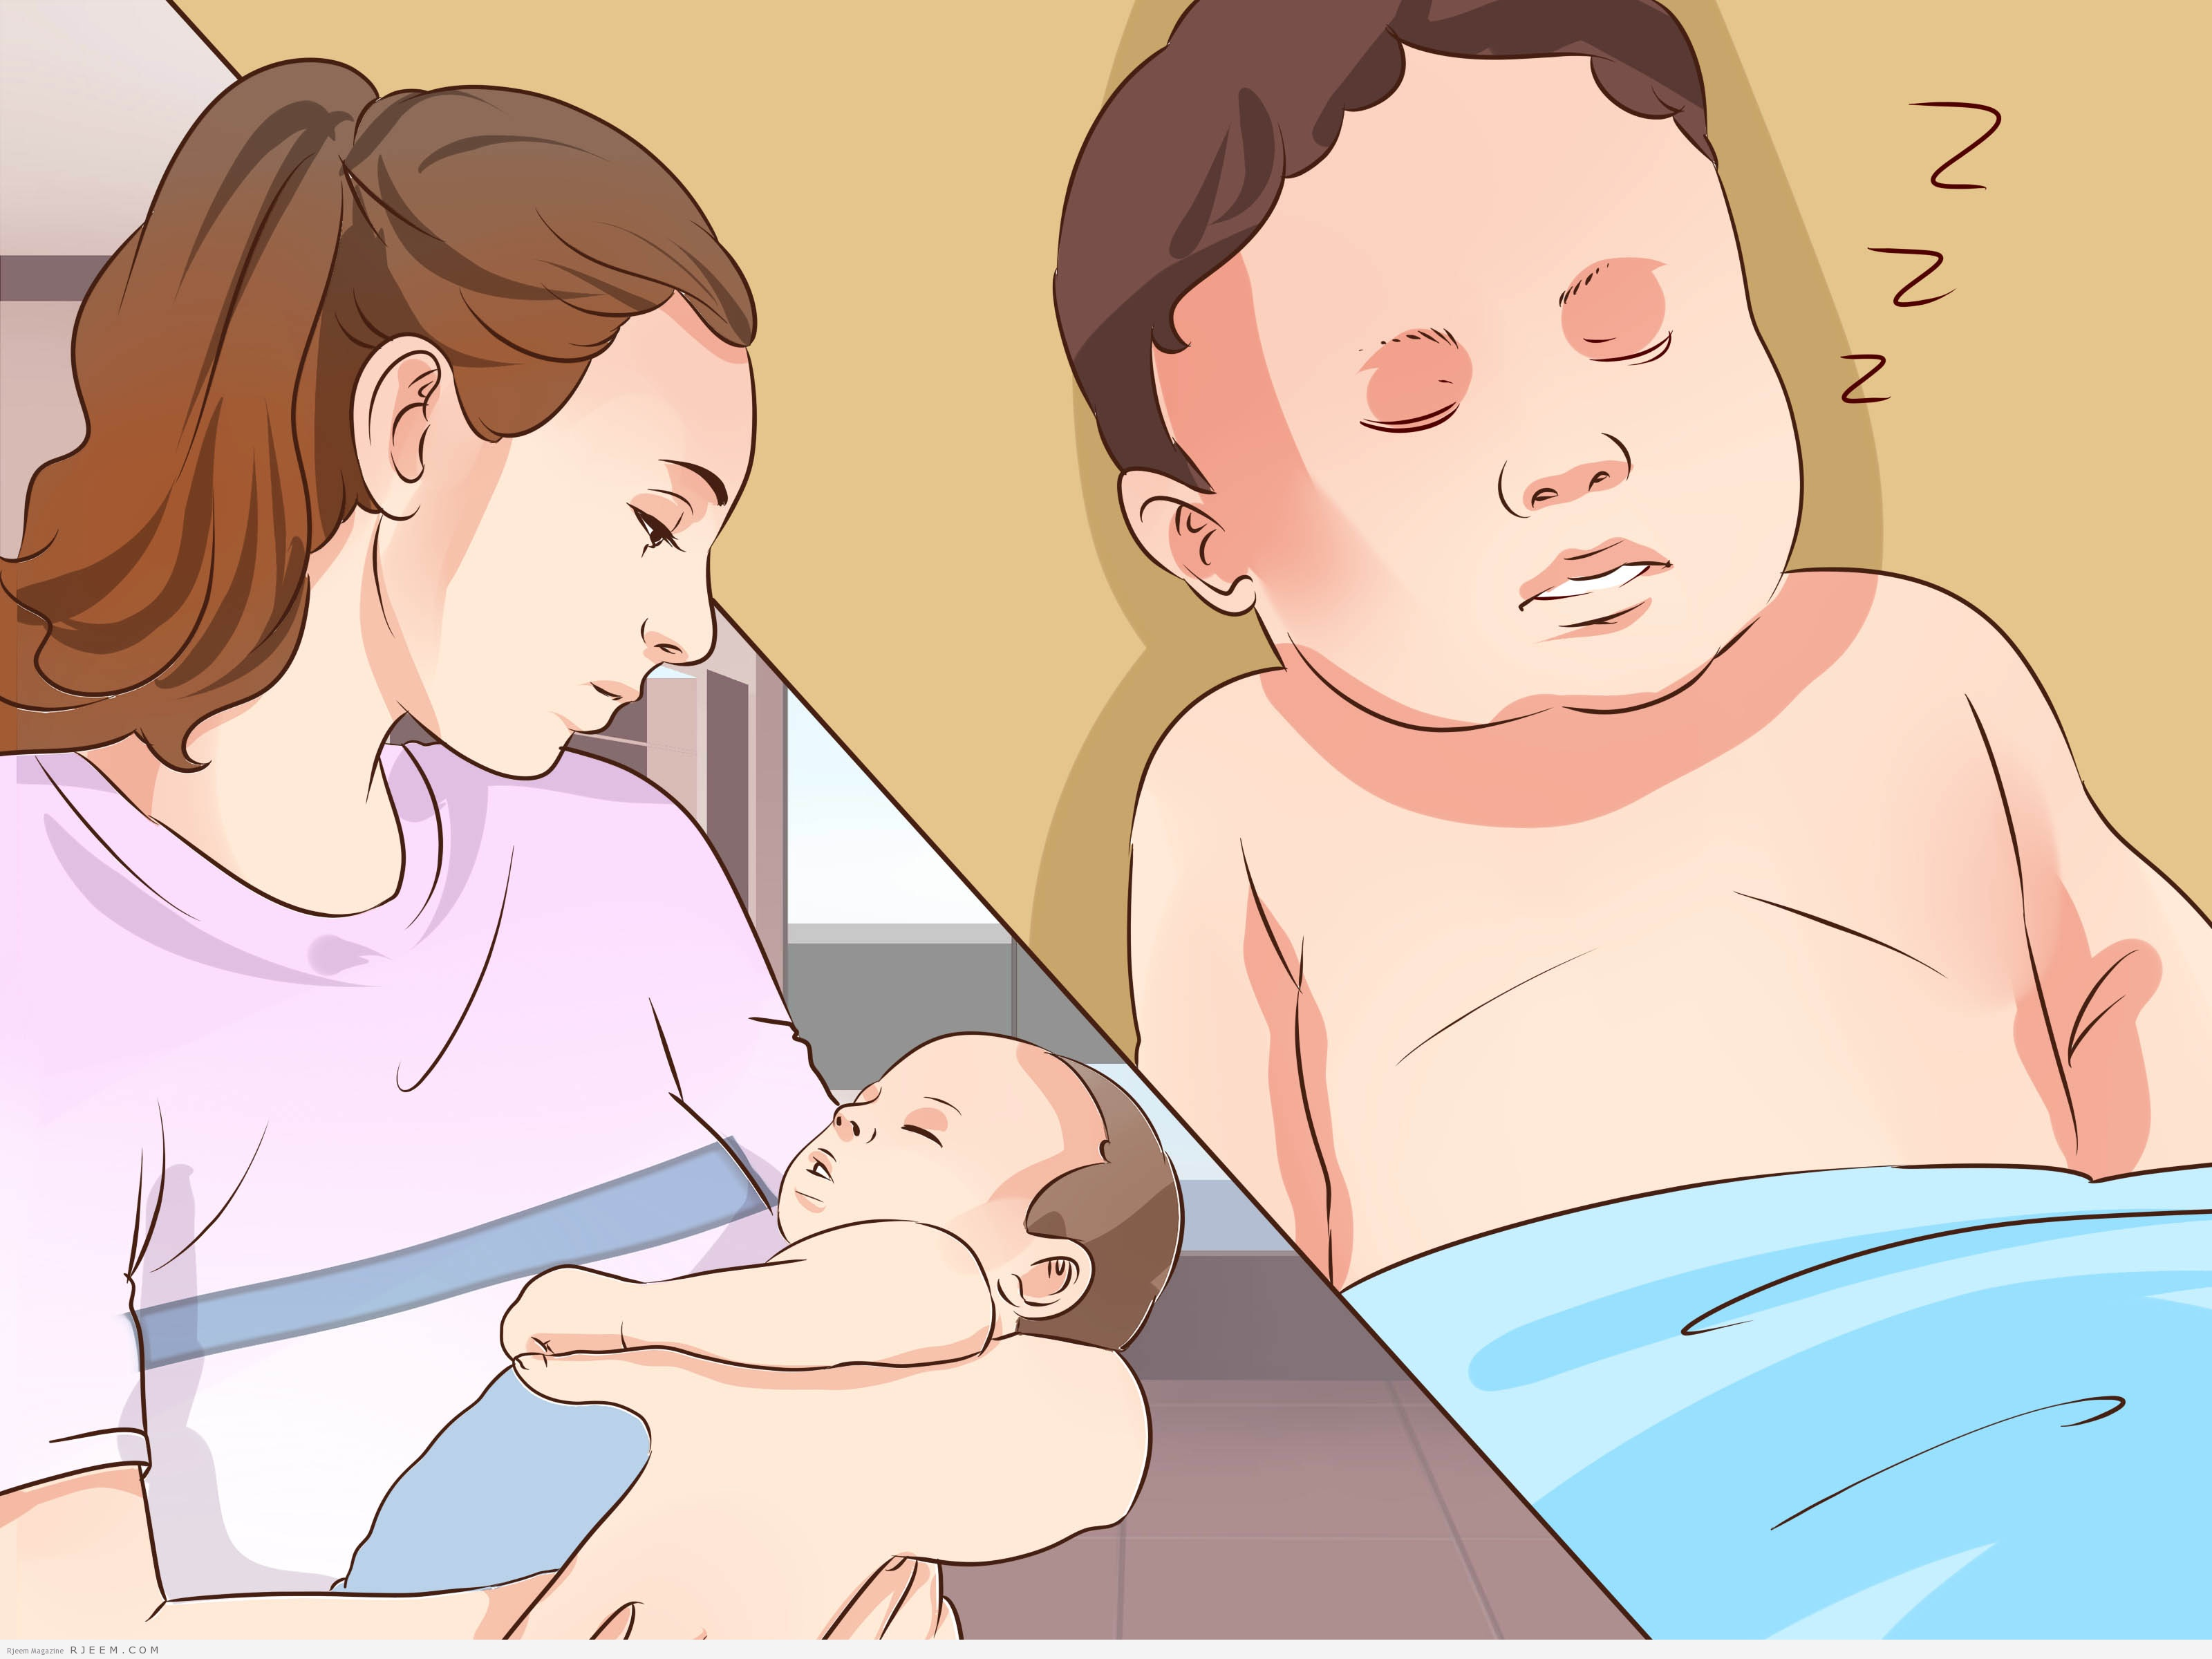 طرق طبيعية لتسهيل الولادة